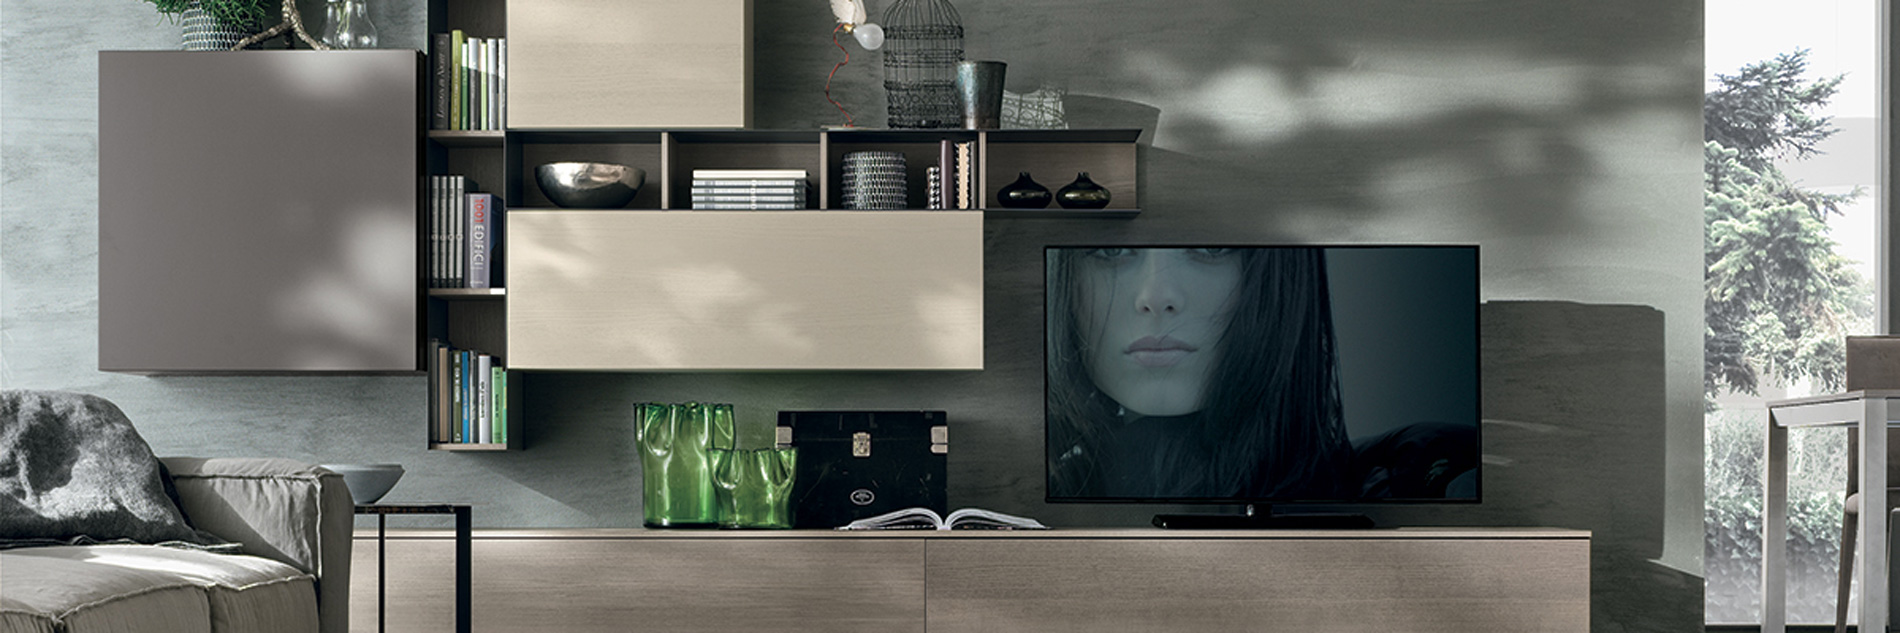 Dotolo Mobili: cucine, camere, soggiorni e mobili per zona ...